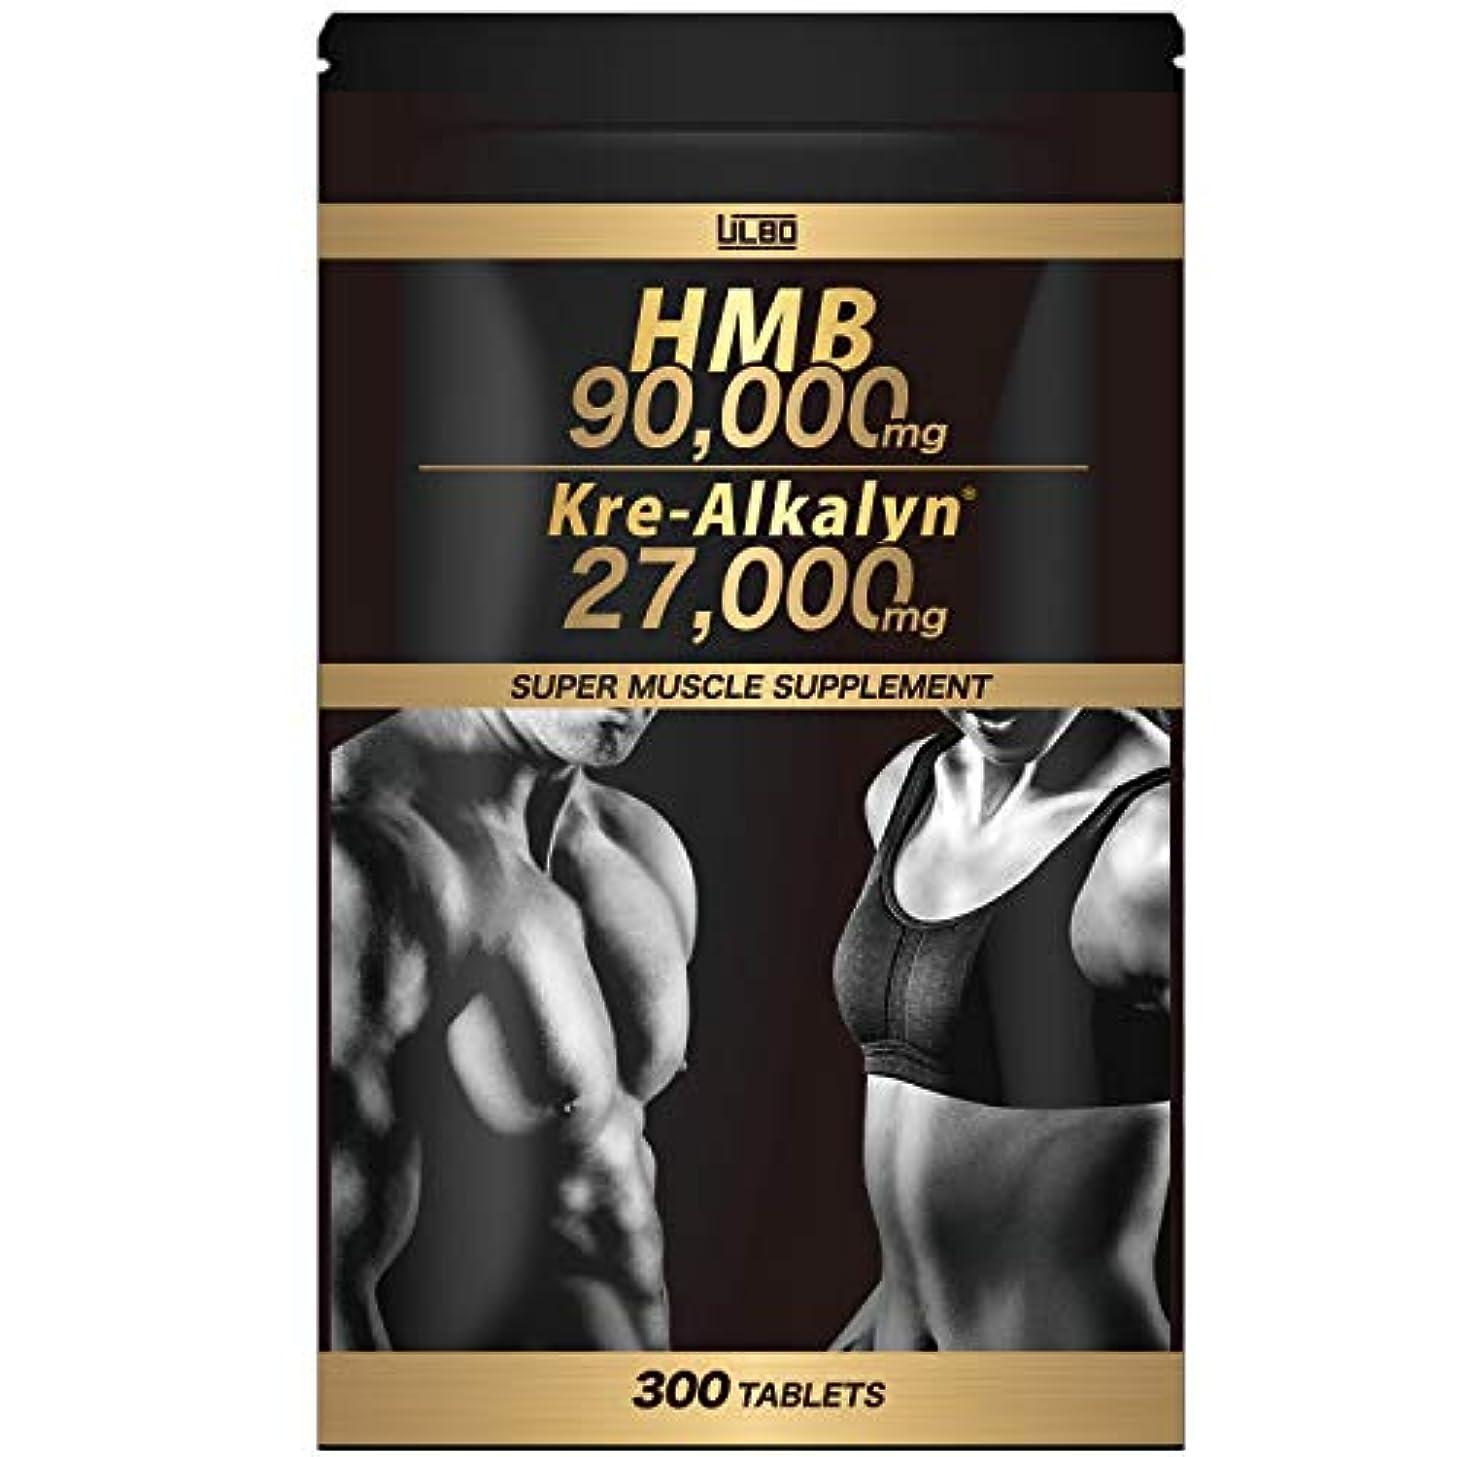 休憩集中先ULBO HMB 吸収効率3.3倍 高純度クレアチン サプリメント 1袋HMB90,000mg配合